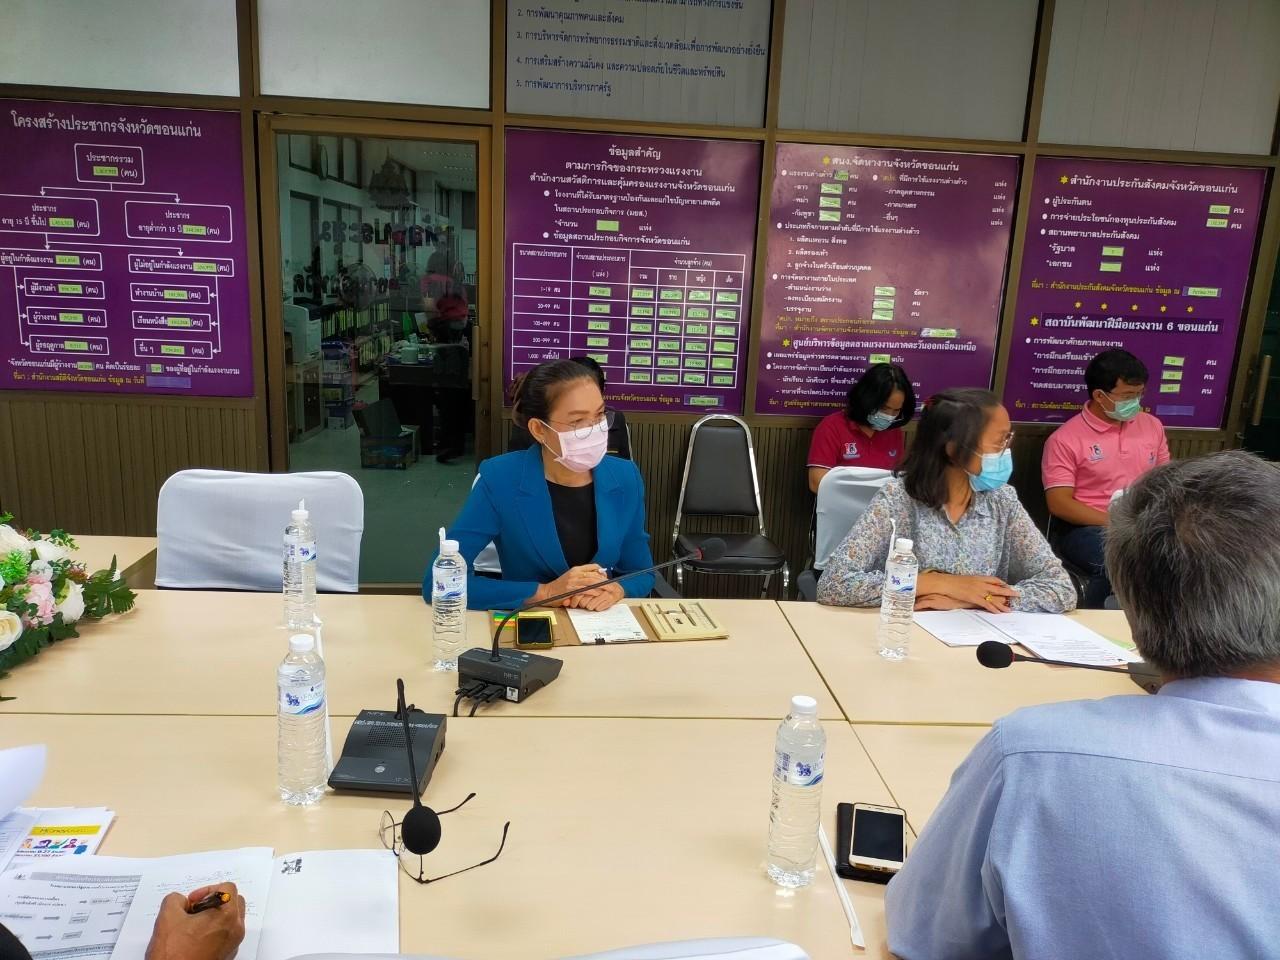 ร่วมประชุมรายงานผลการดำเนินงานตามมาตรการเชิงรุก ของกระทรวงแรงงาน  ในการบริหารสถานการณ์การแพร่ระบาดของเชื้อโควิด-19 ผ่านระบบ Video Conference